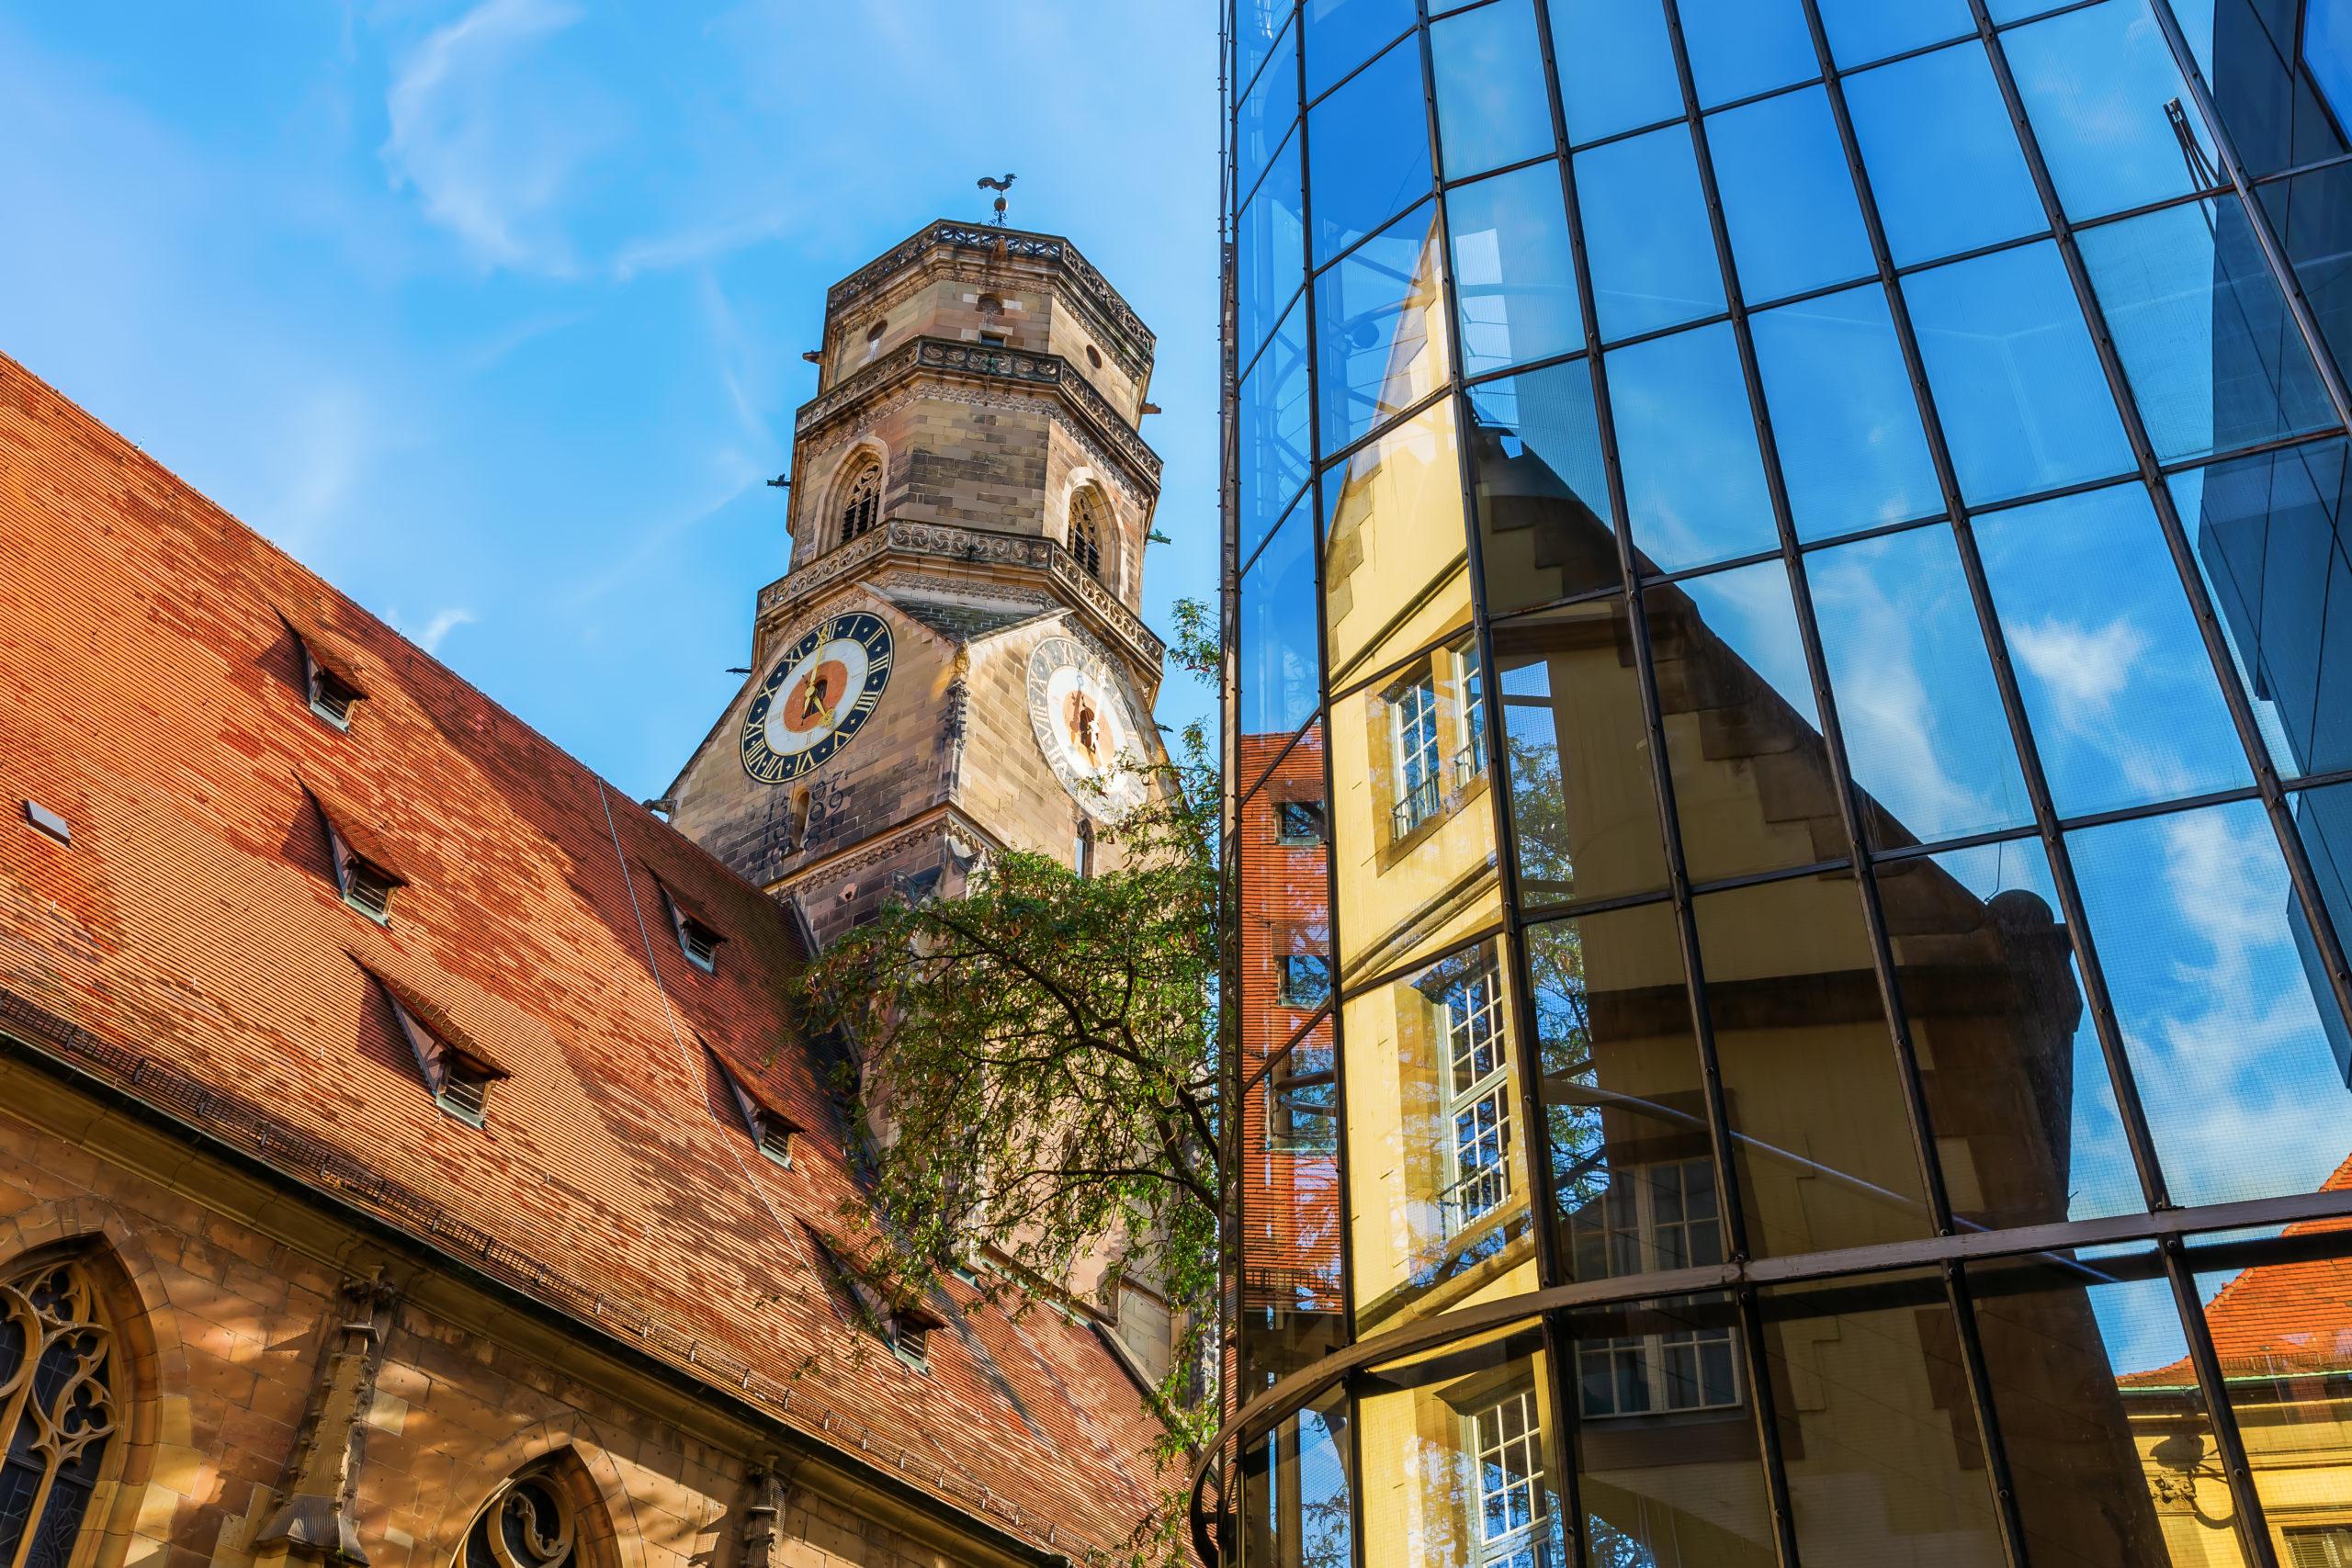 Stiftskirche in Stuttgart an einem schönen sonnigen Tag aus Froschperspektive